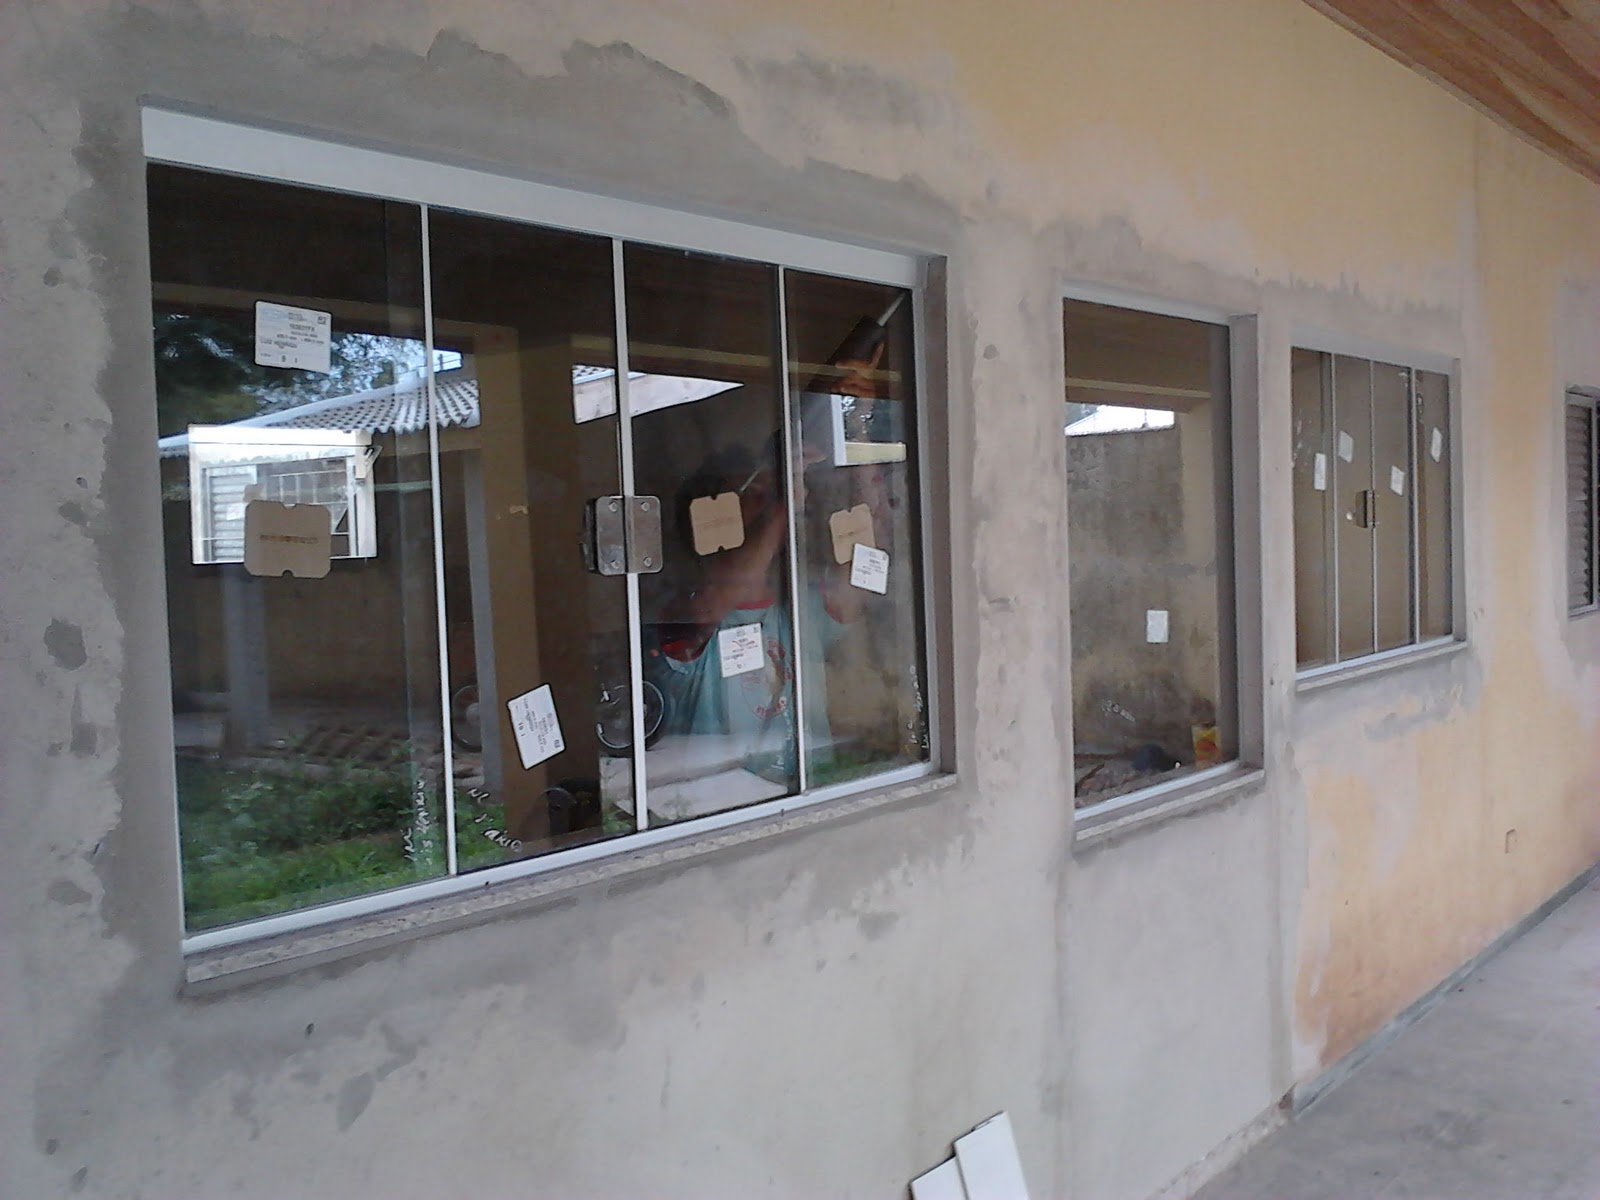 #614C41 FRANCO VIDROS TEMPERADOS: Janeiro 2012 324 Janelas De Vidro Temperado Fume Preço